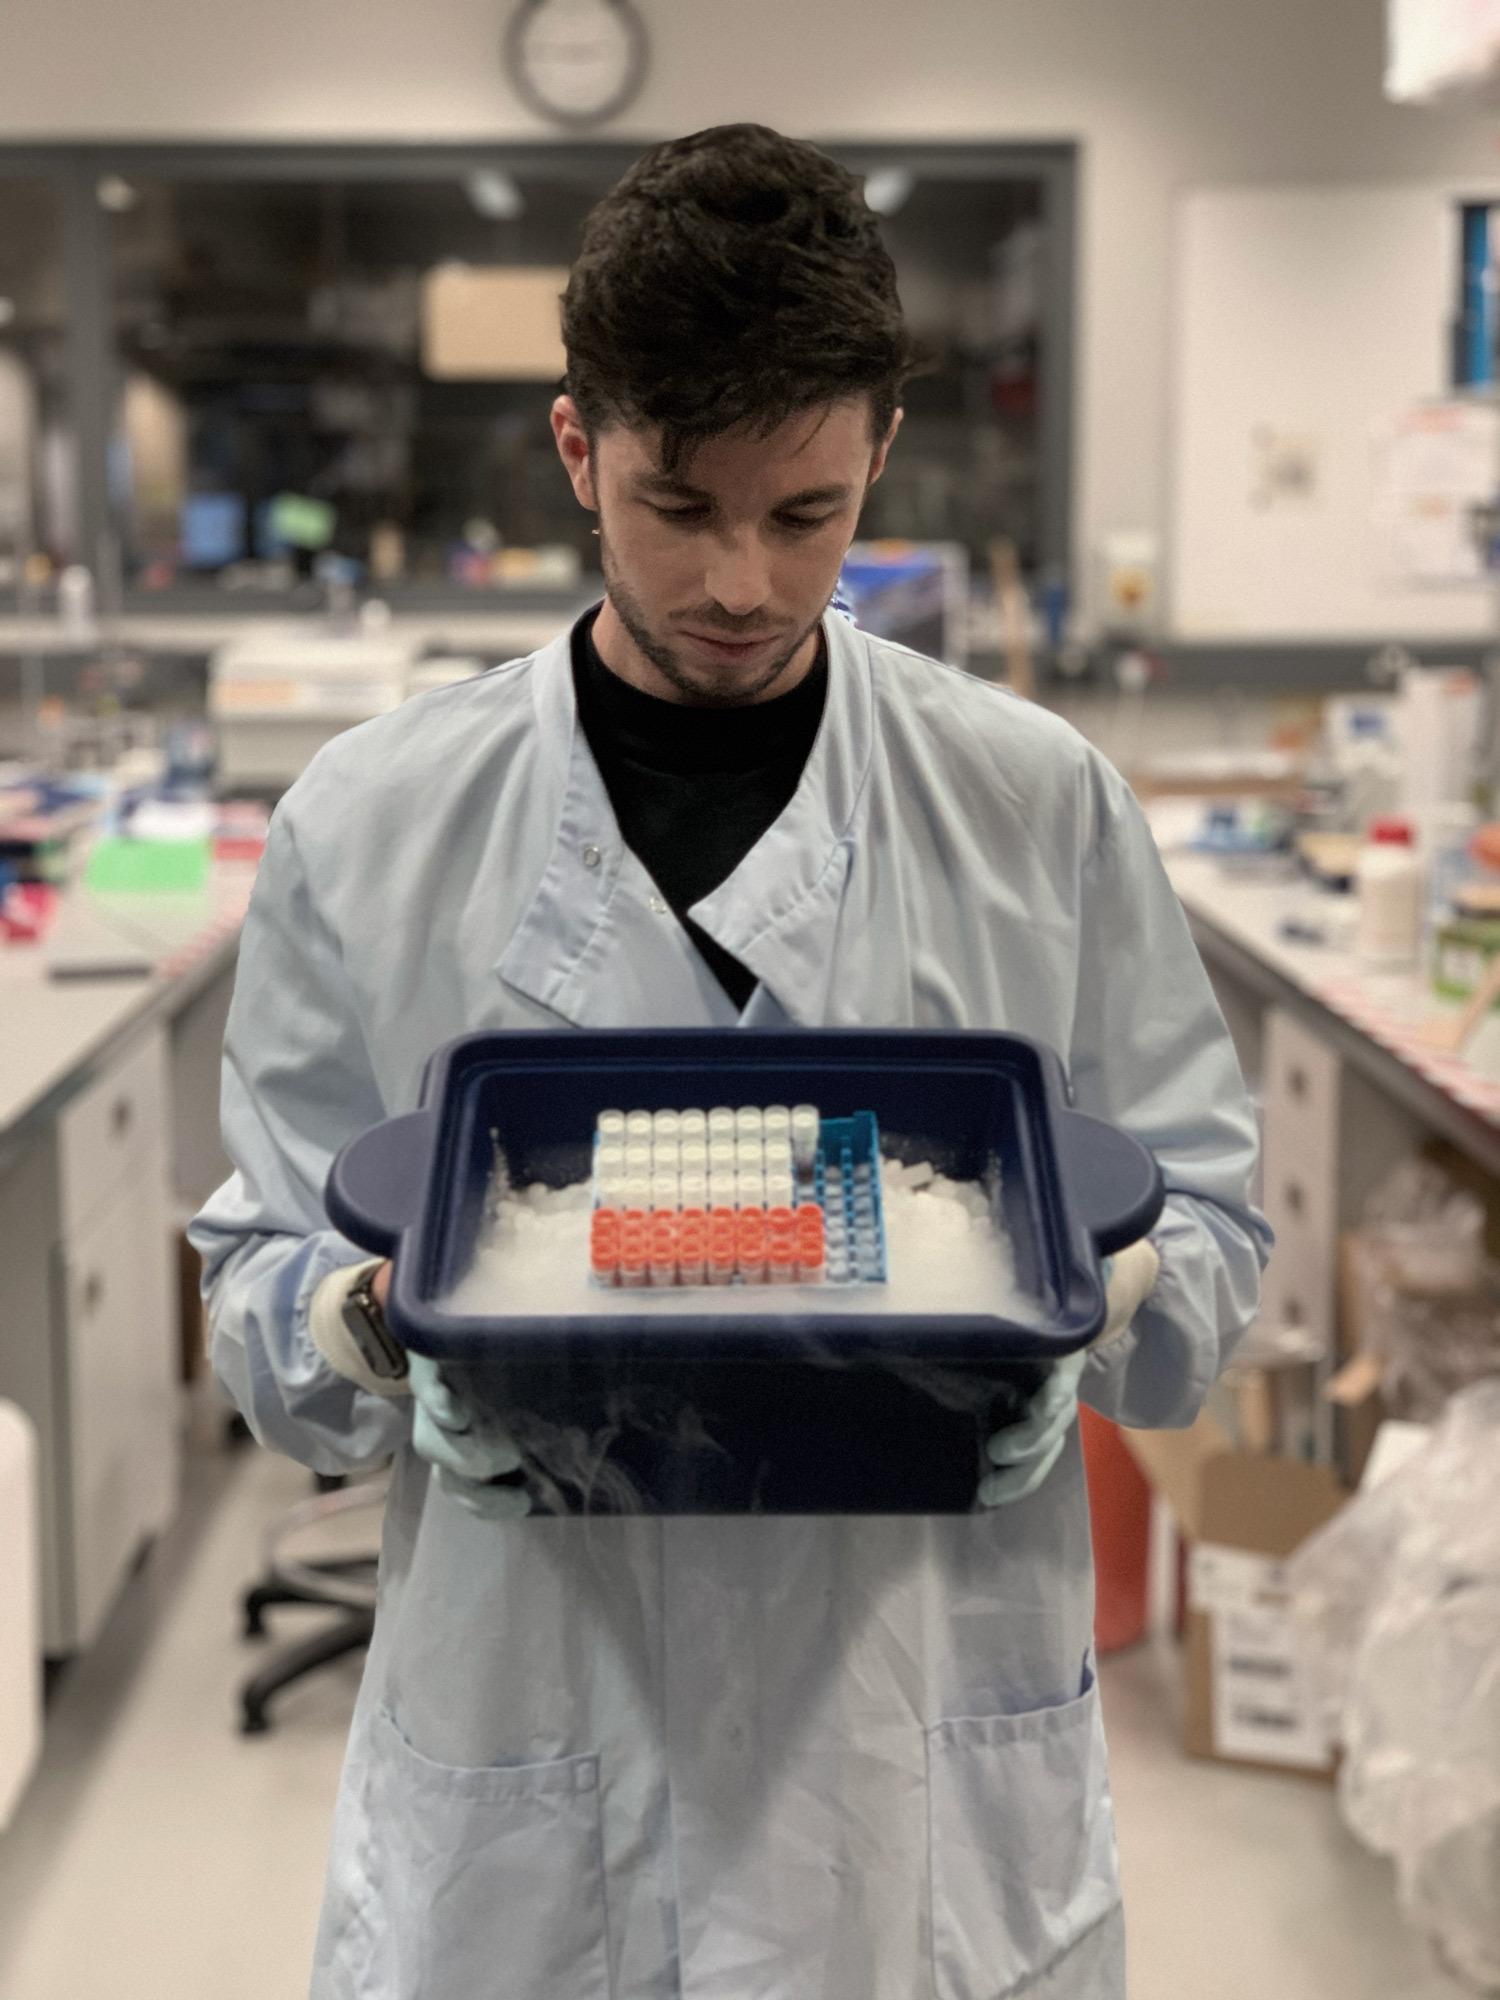 Joshua Blight Co-founder of Baseimmune